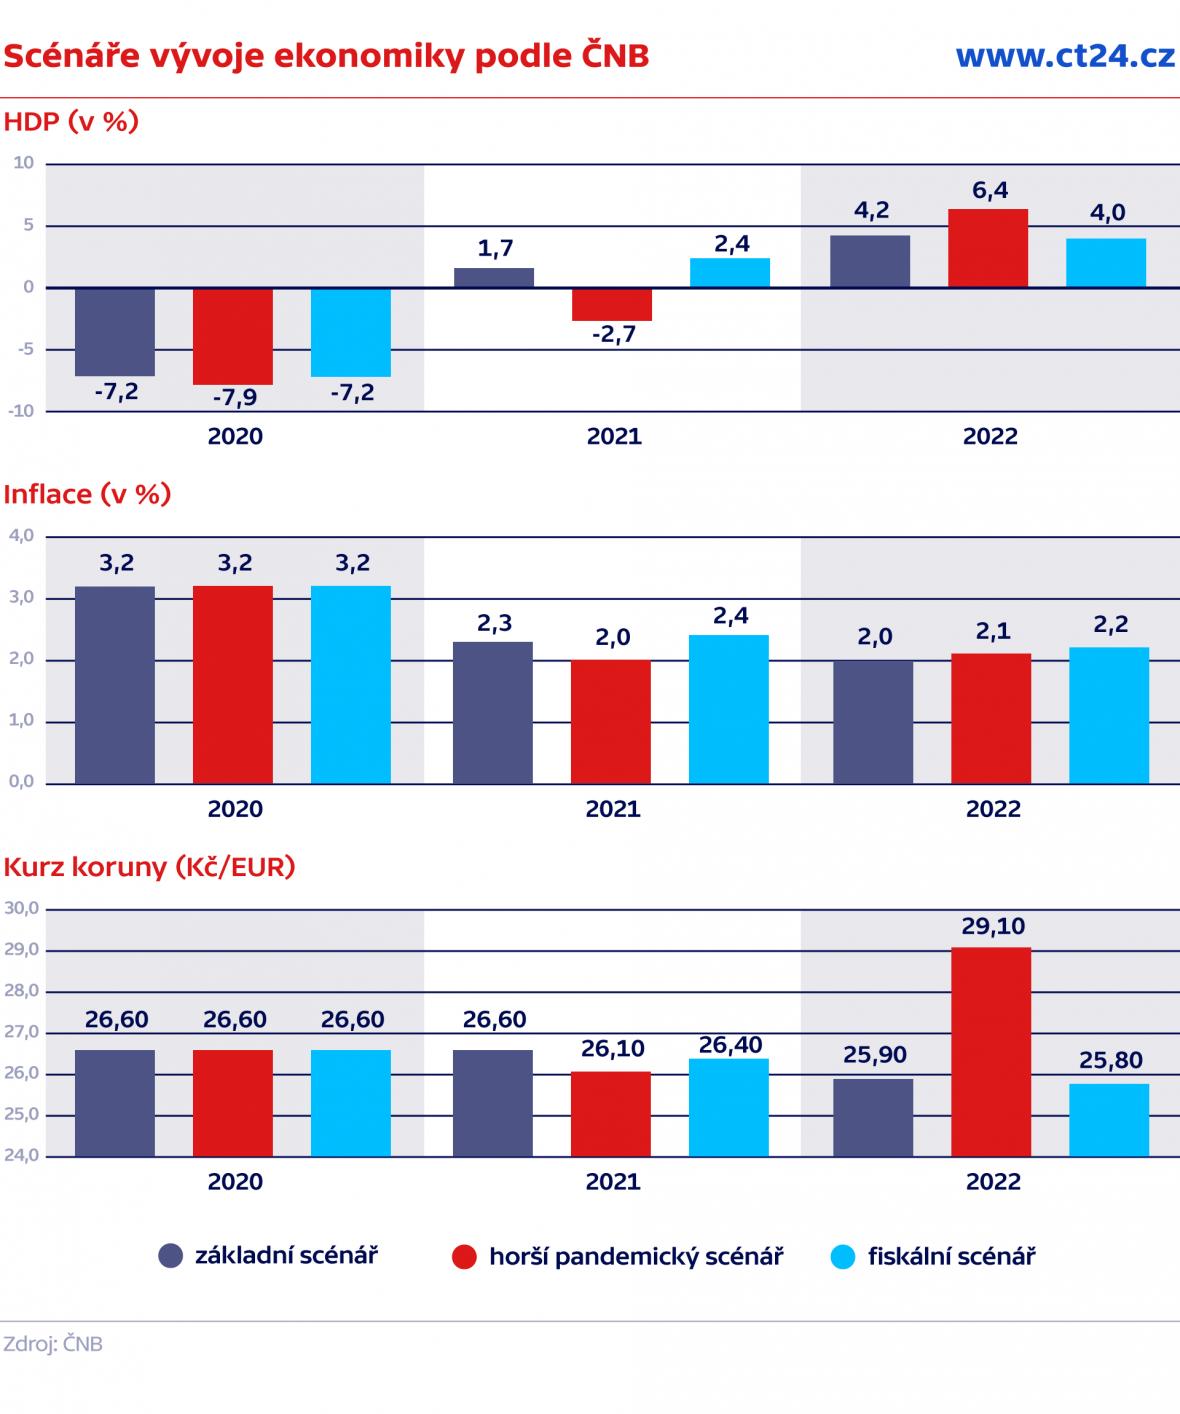 Scénáře vývoje ekonomiky podle ČNB